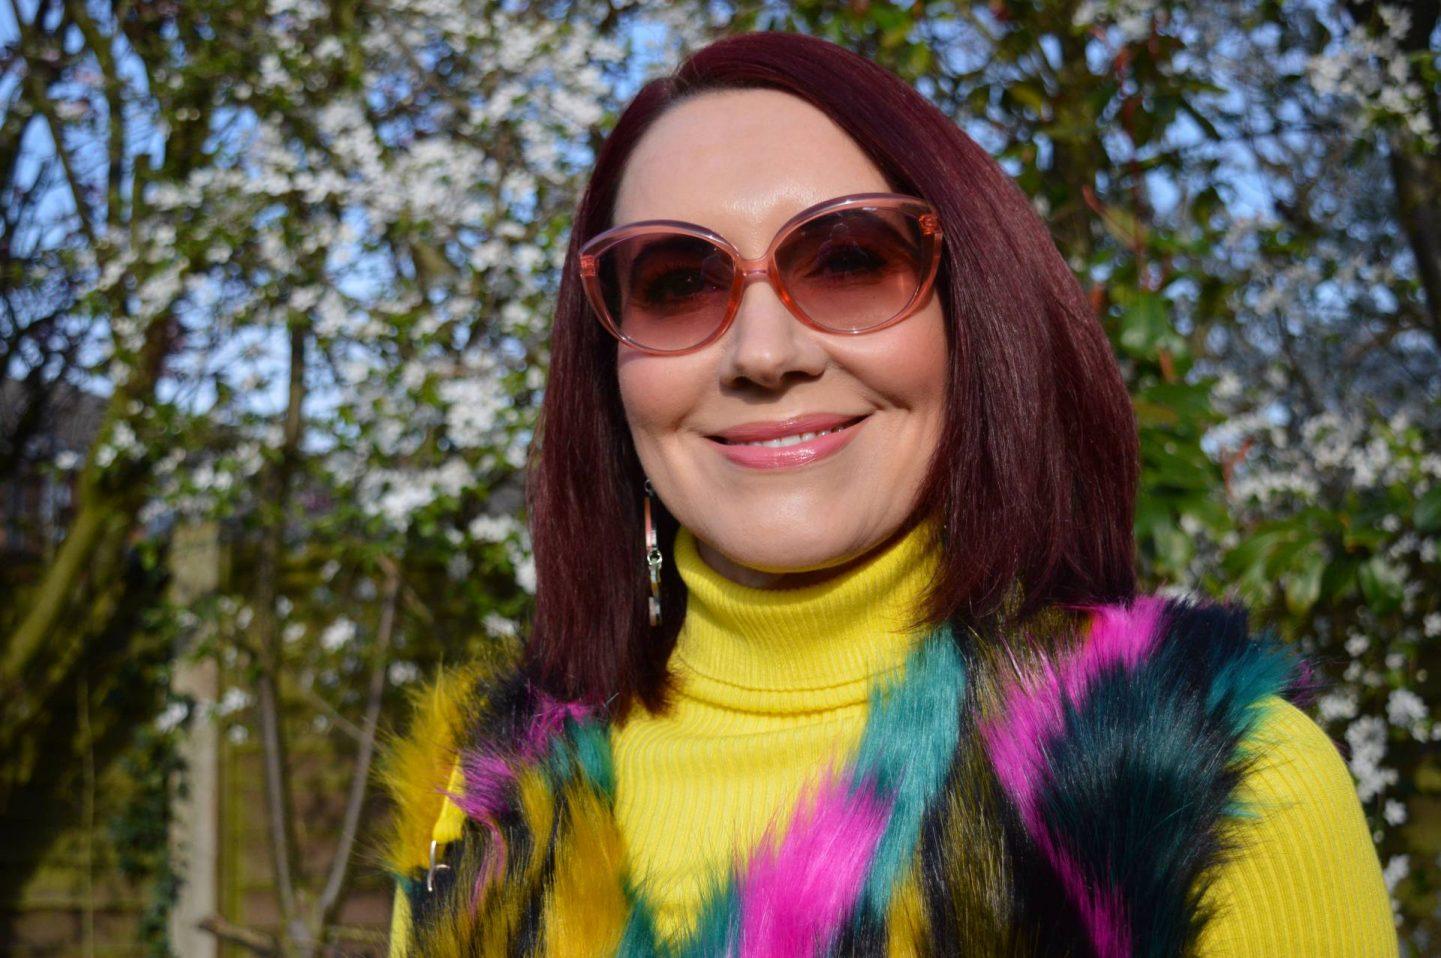 Moschino pink cat eye sunglasses